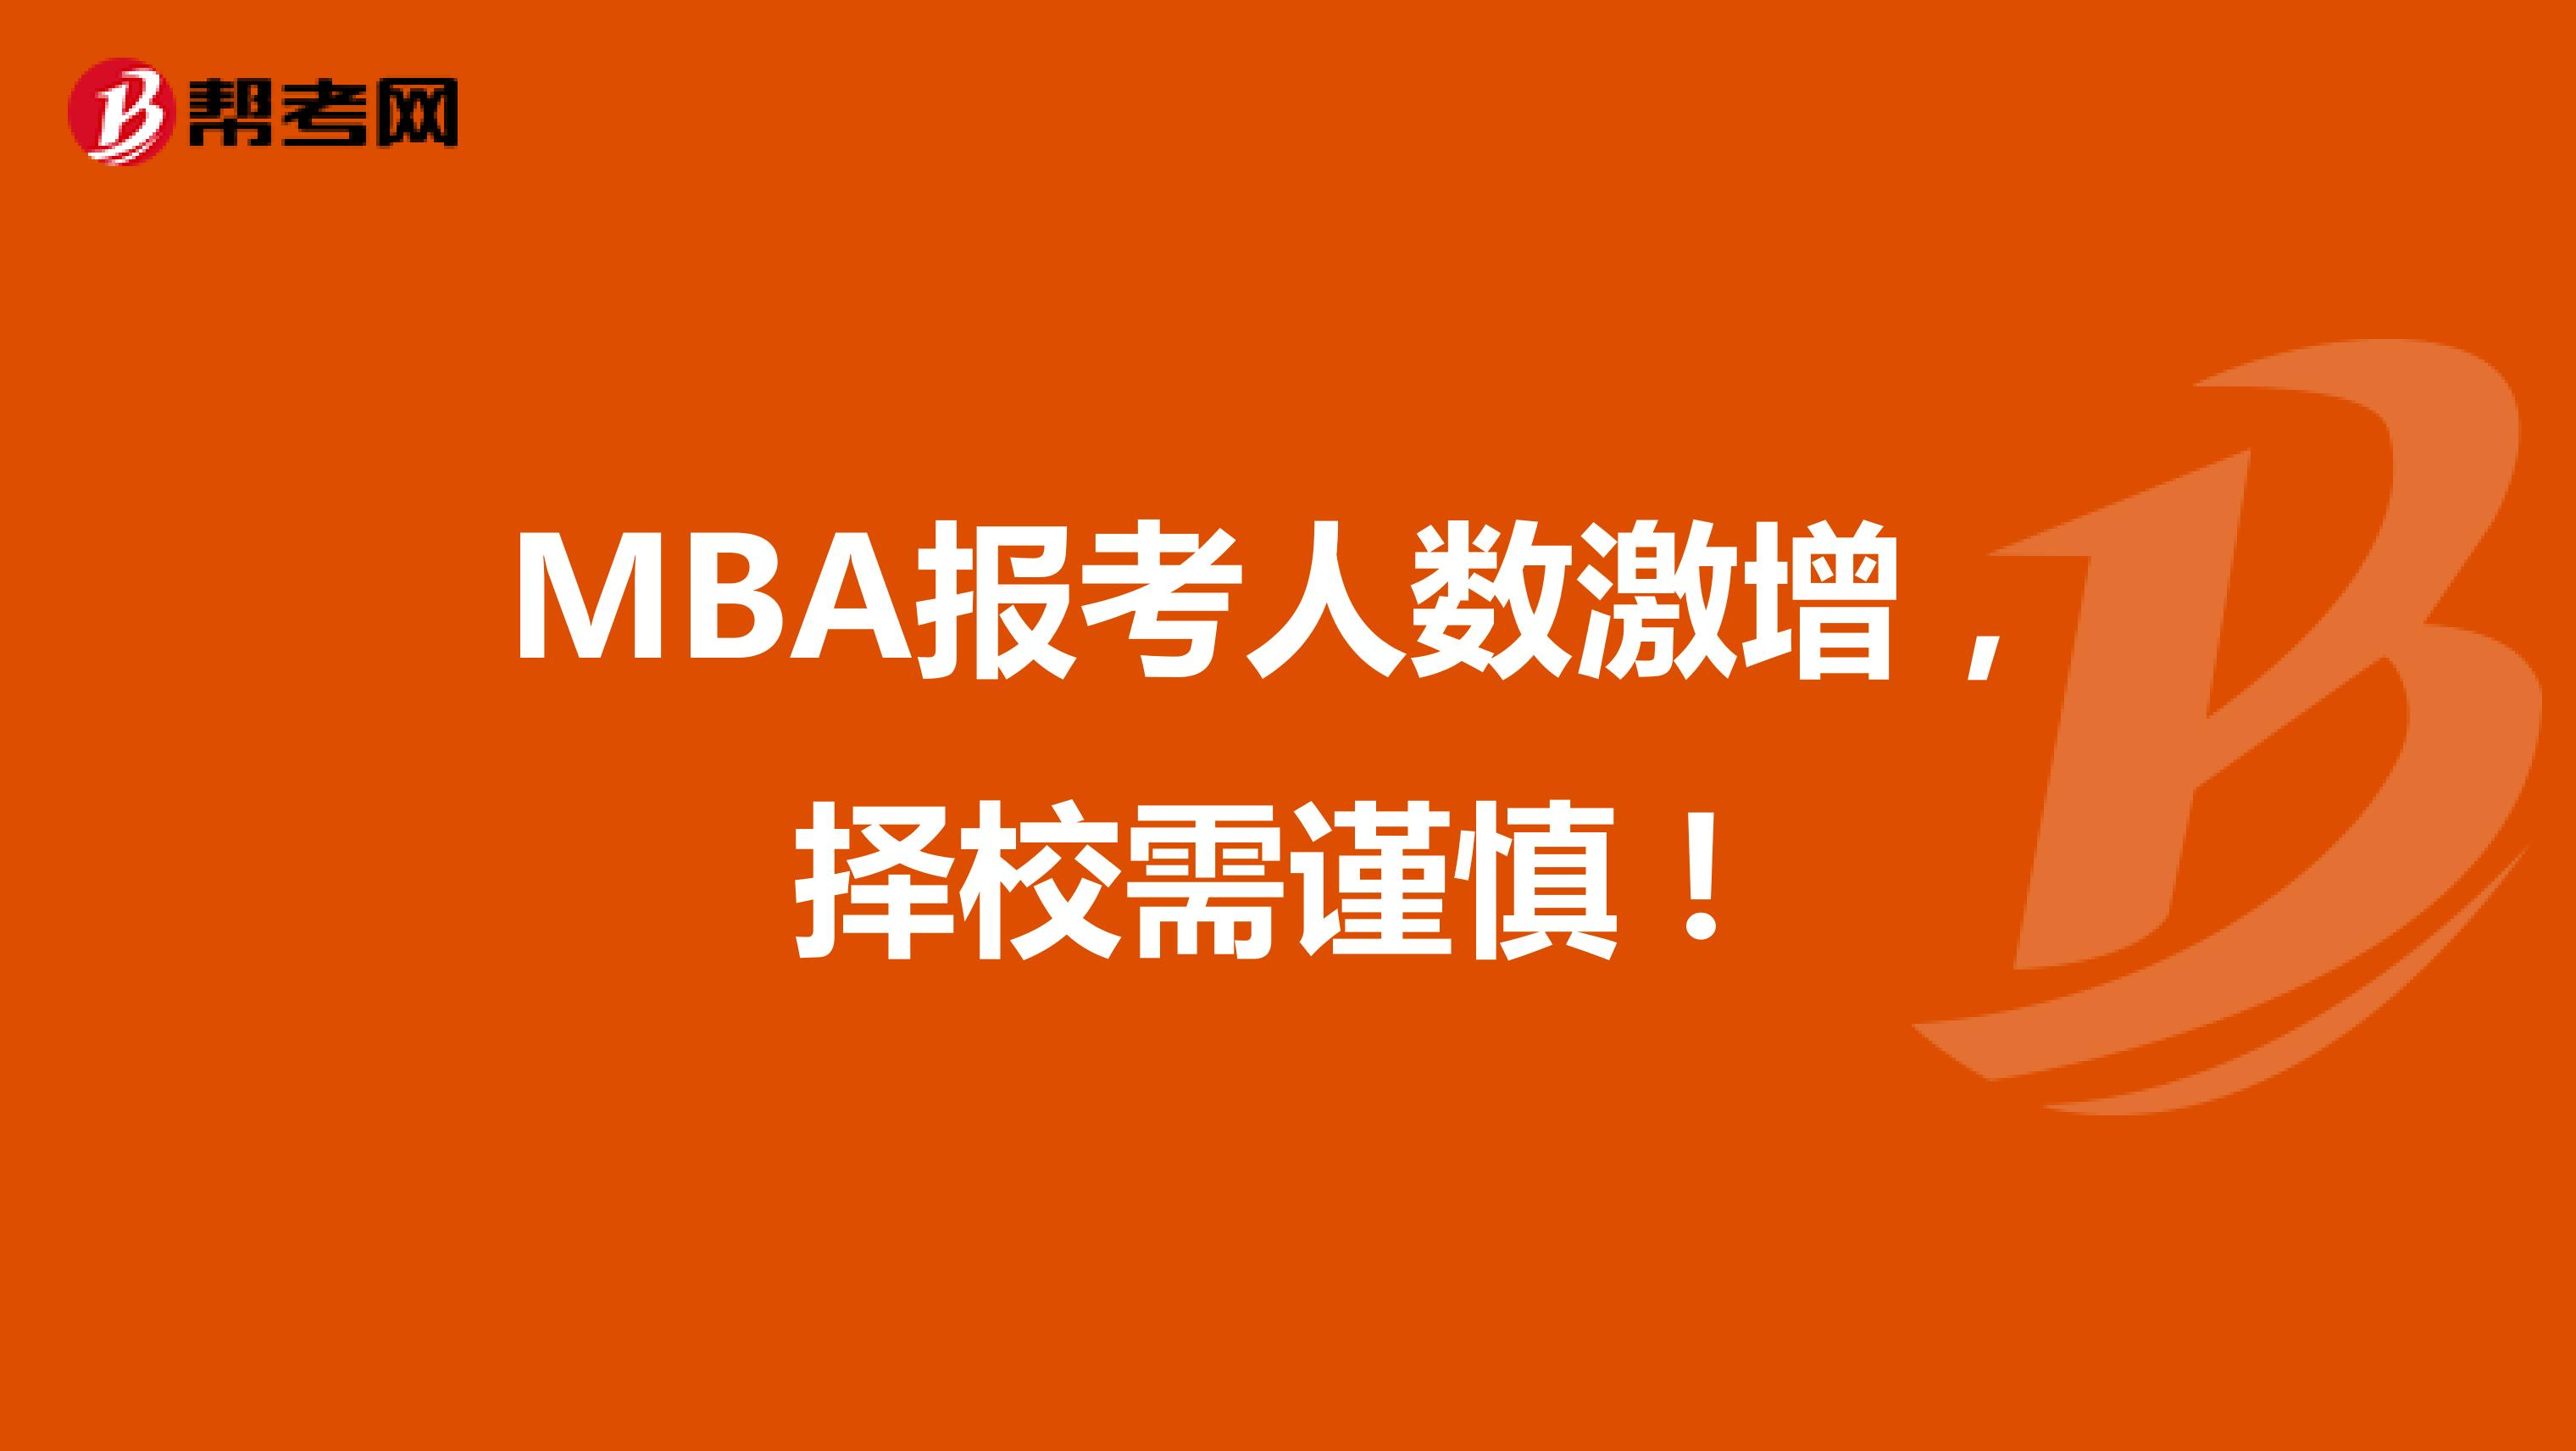 MBA报考人数激增,择校需谨慎!